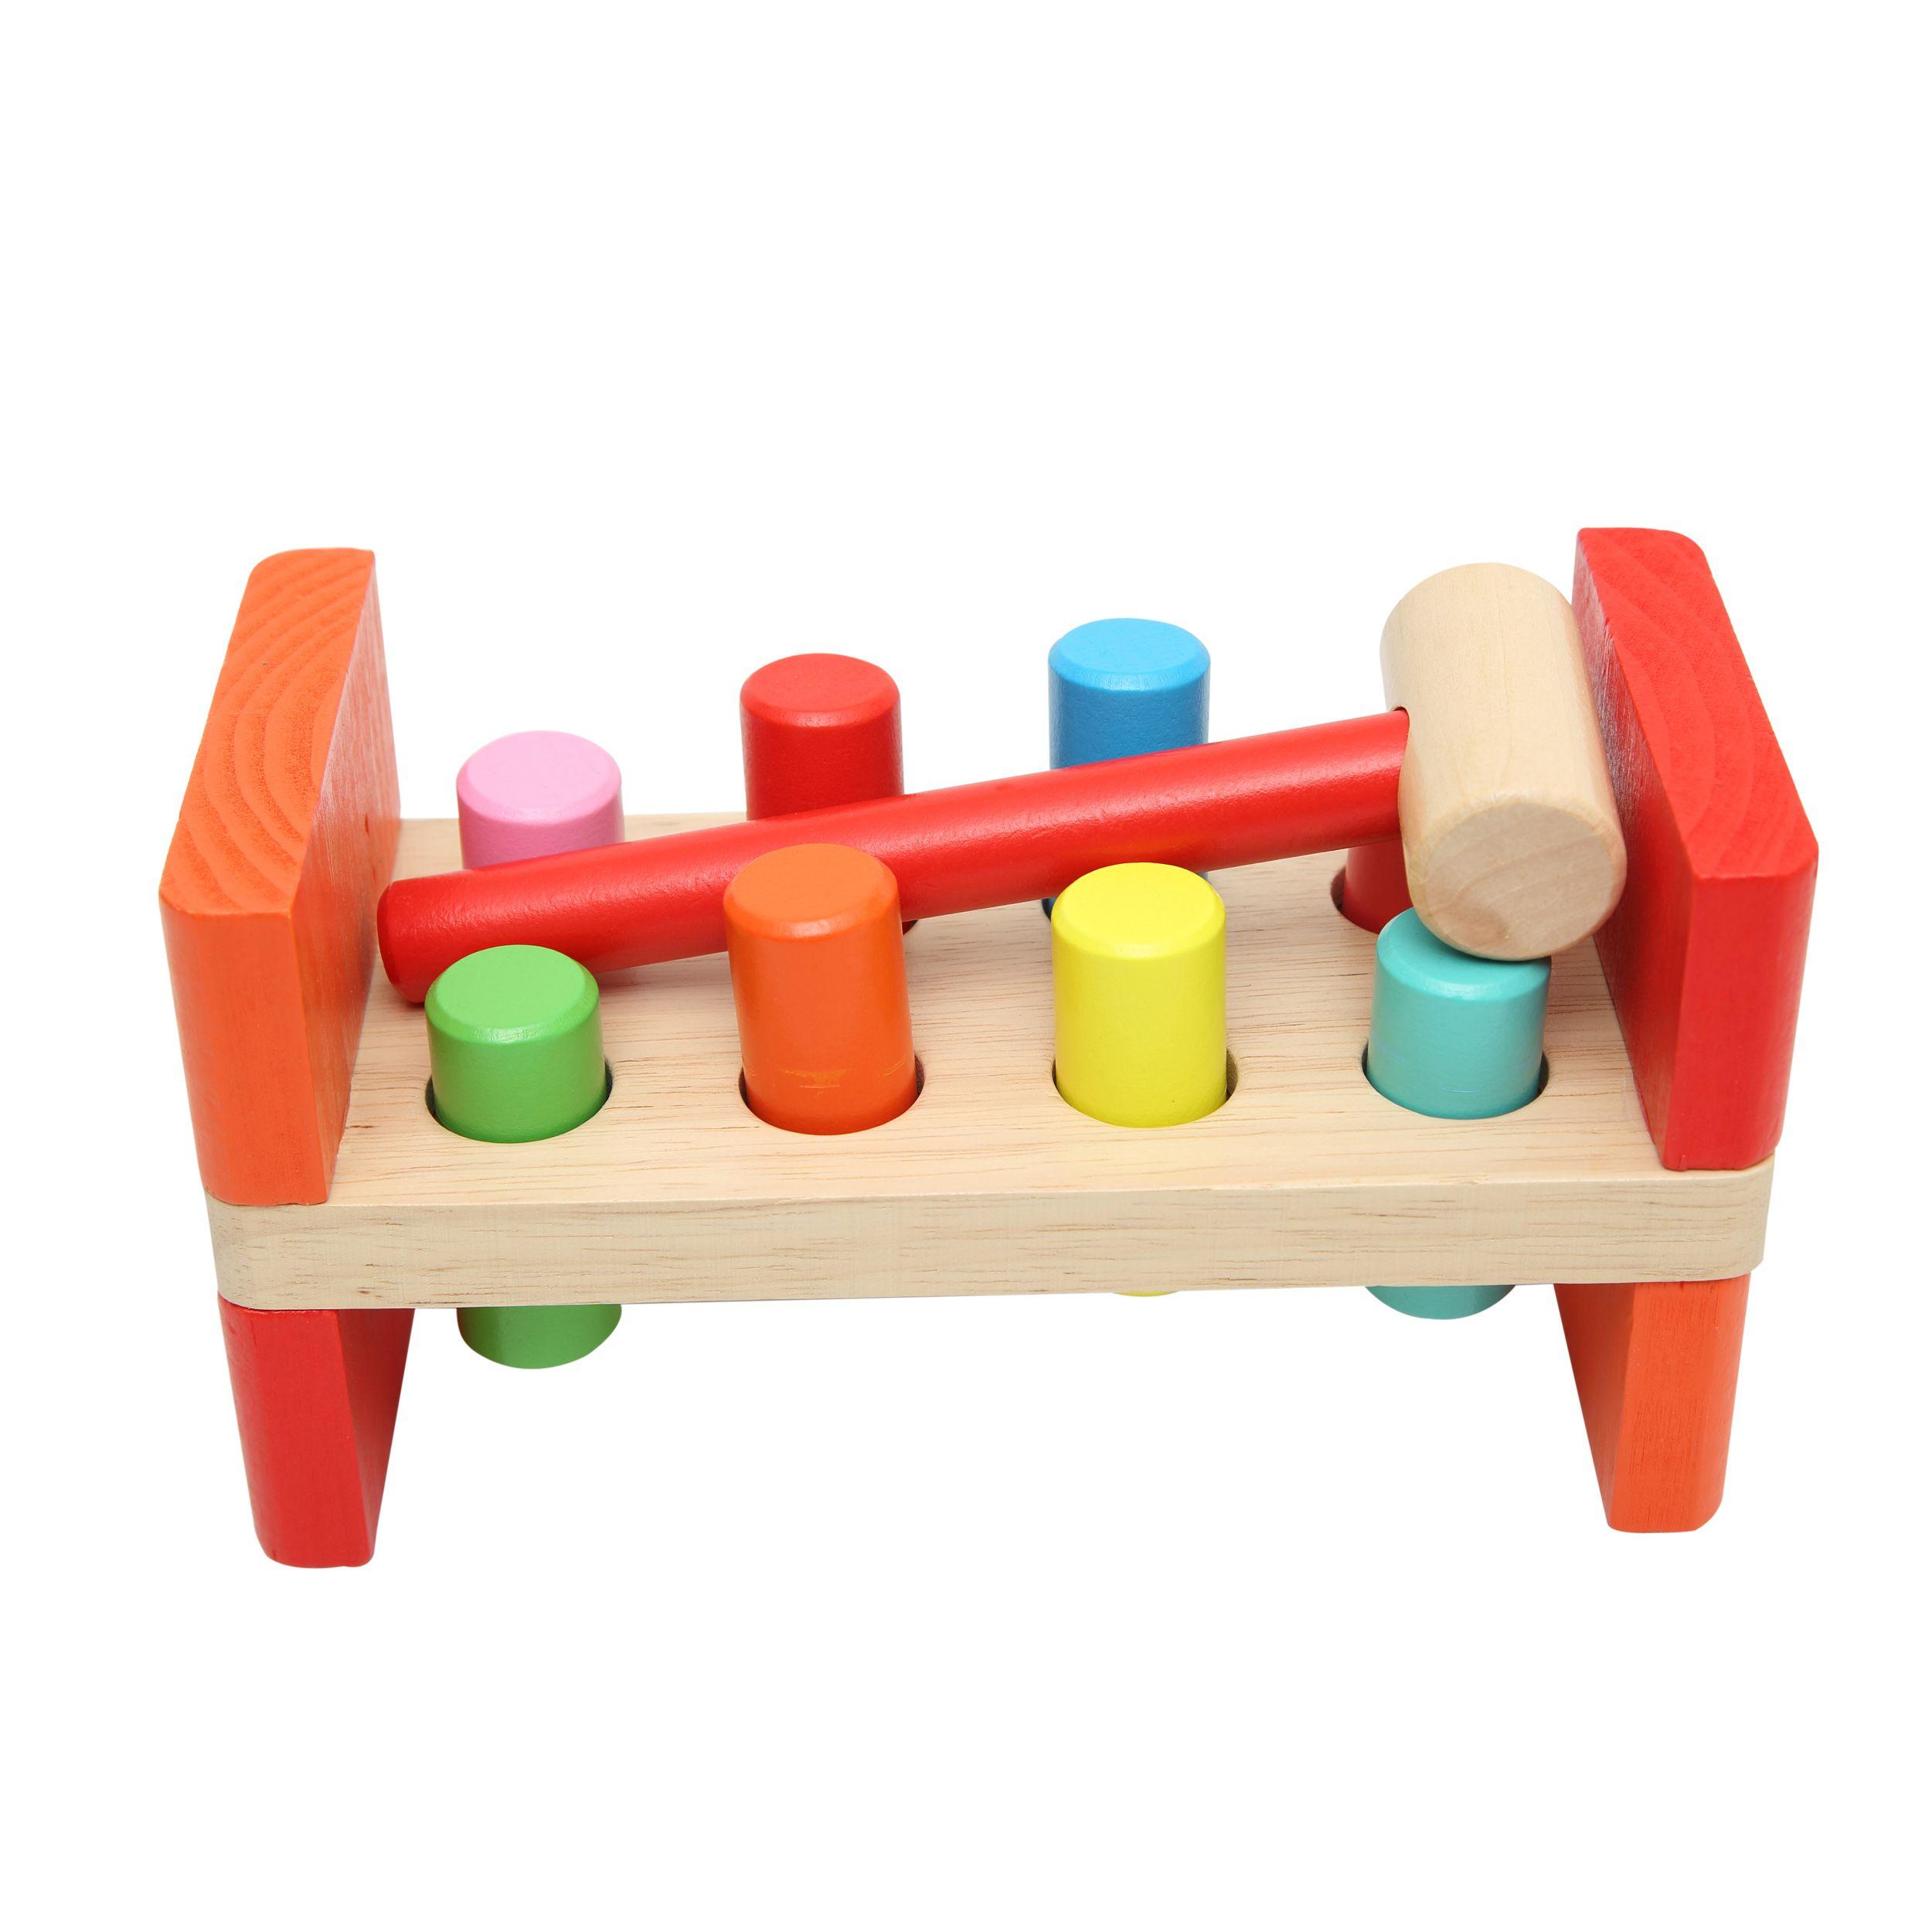 Juguete madera didactico figuras encaje